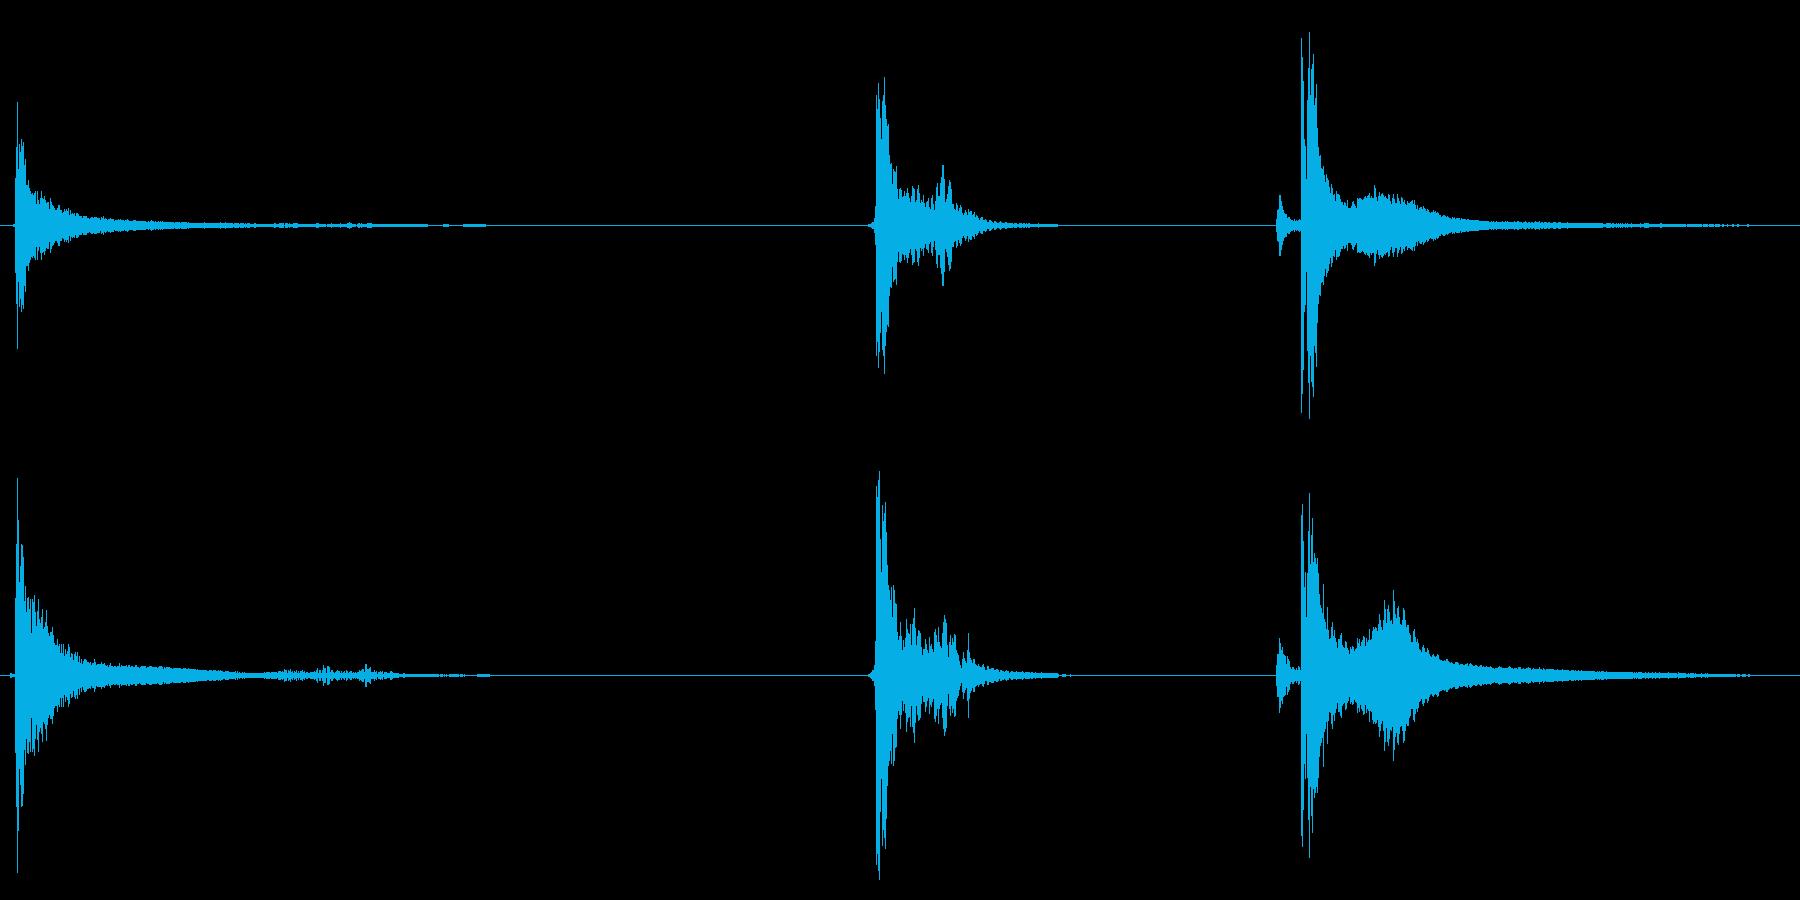 シャベル、メタル、ヒット、ヘビーx3の再生済みの波形